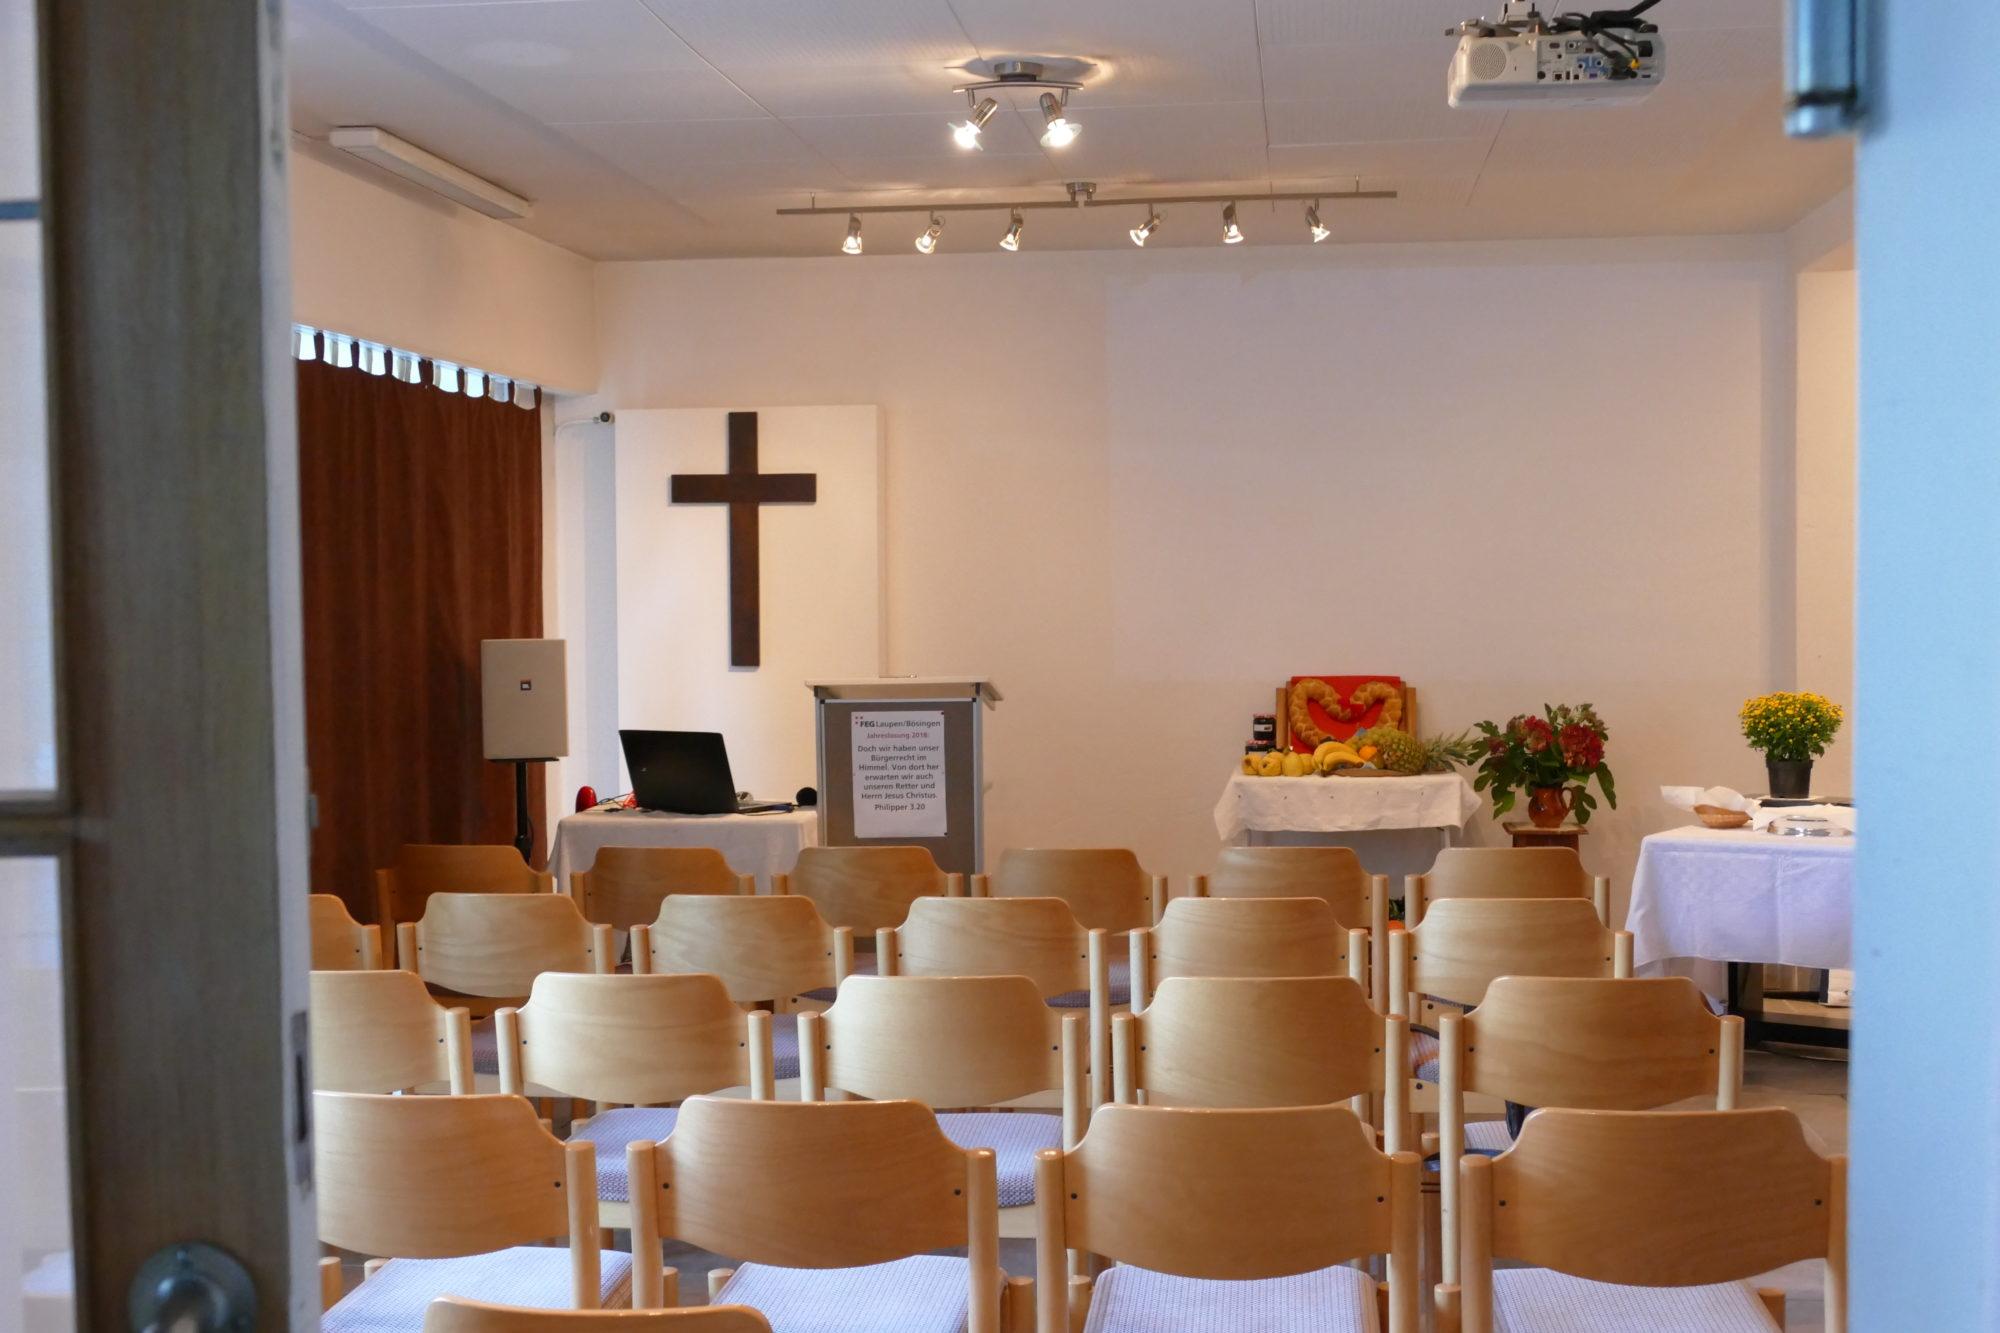 Foto des Gemeindelokals der FEG Laupen-Bösingen von Innen